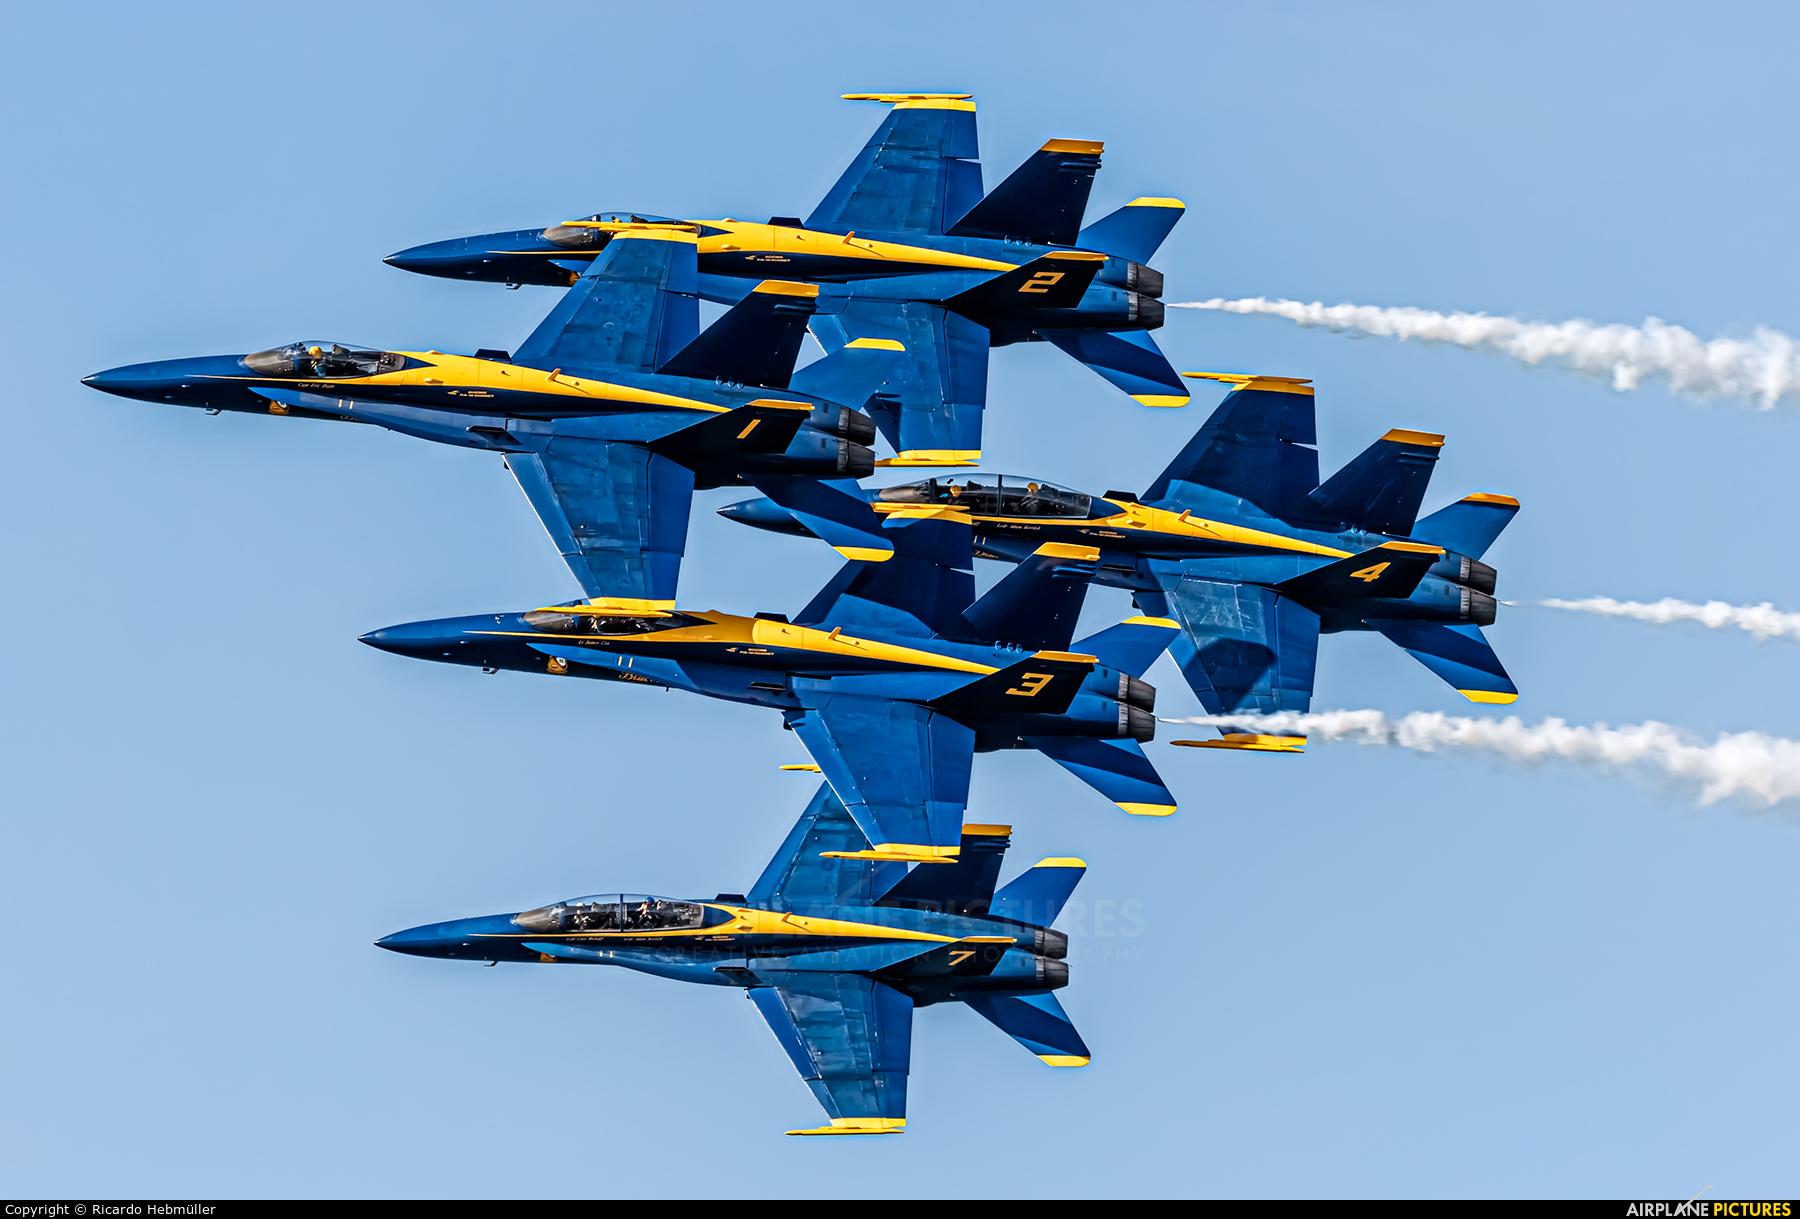 USA - Navy : Blue Angels 163439 aircraft at San Francisco Intl